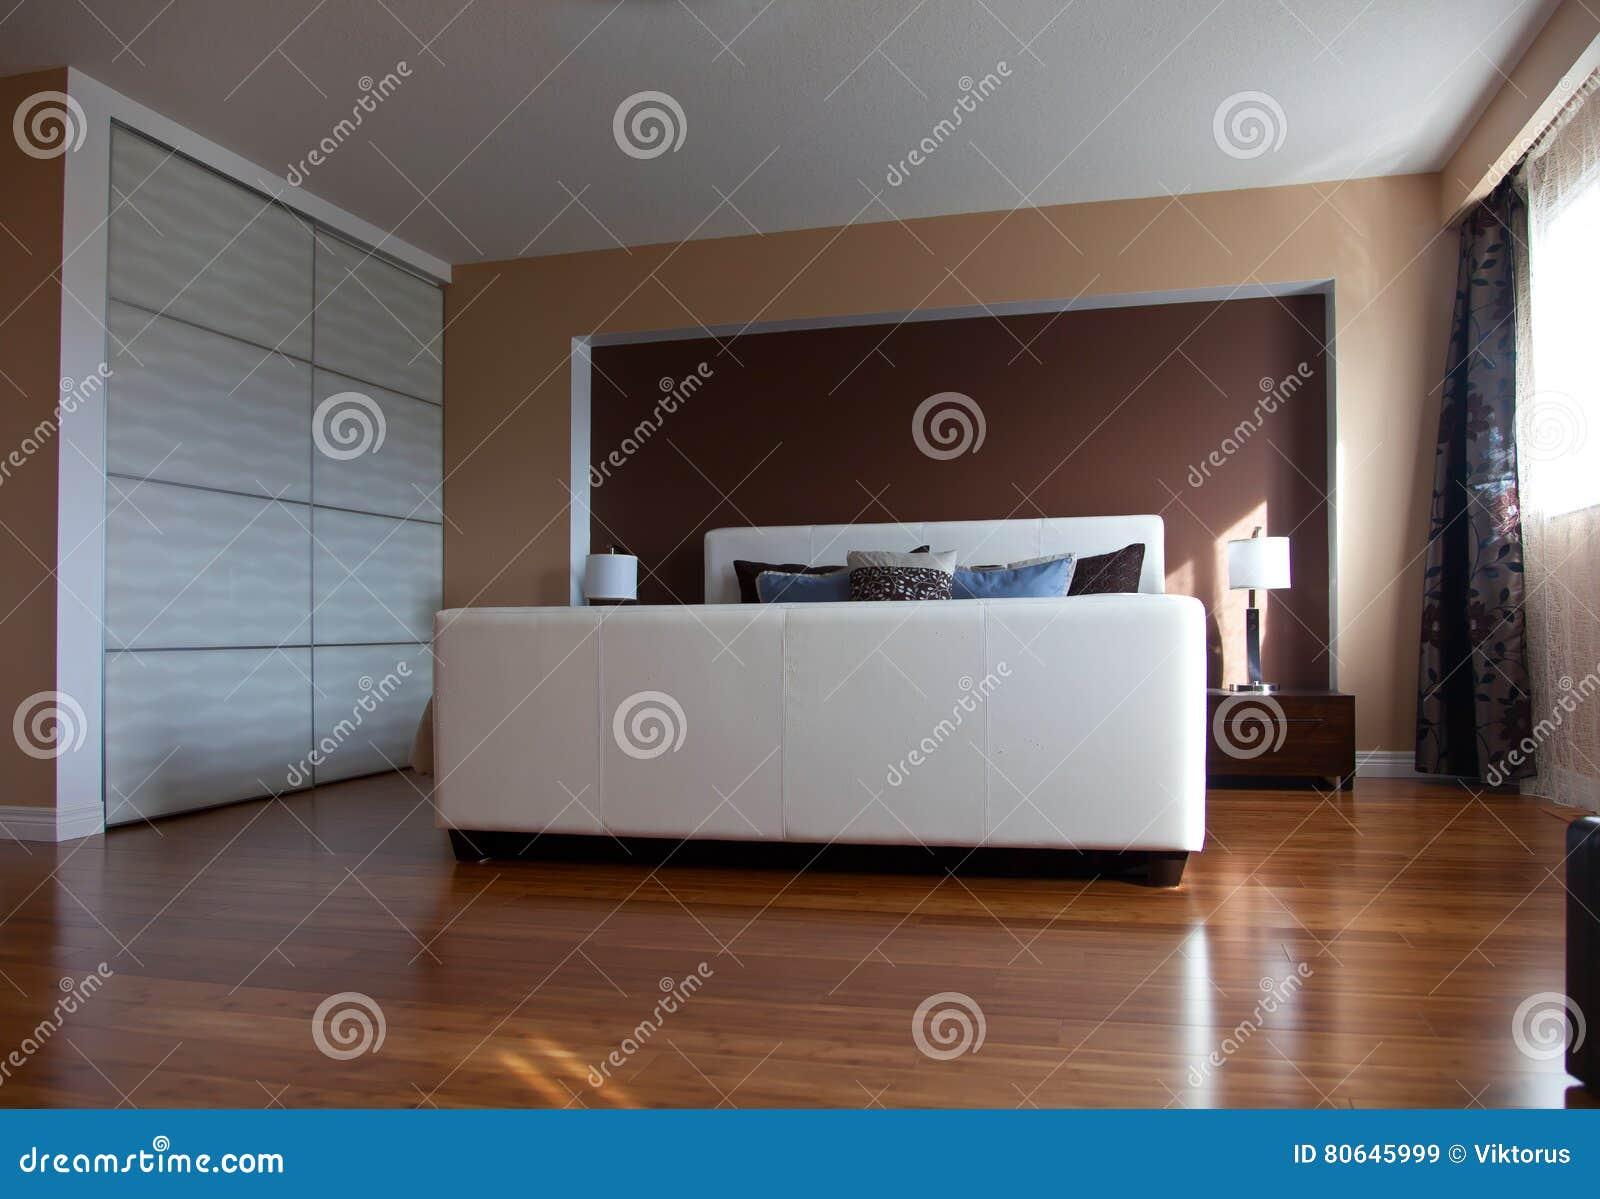 Vendita pannelli decorativi per pareti interne for Layout della camera familiare